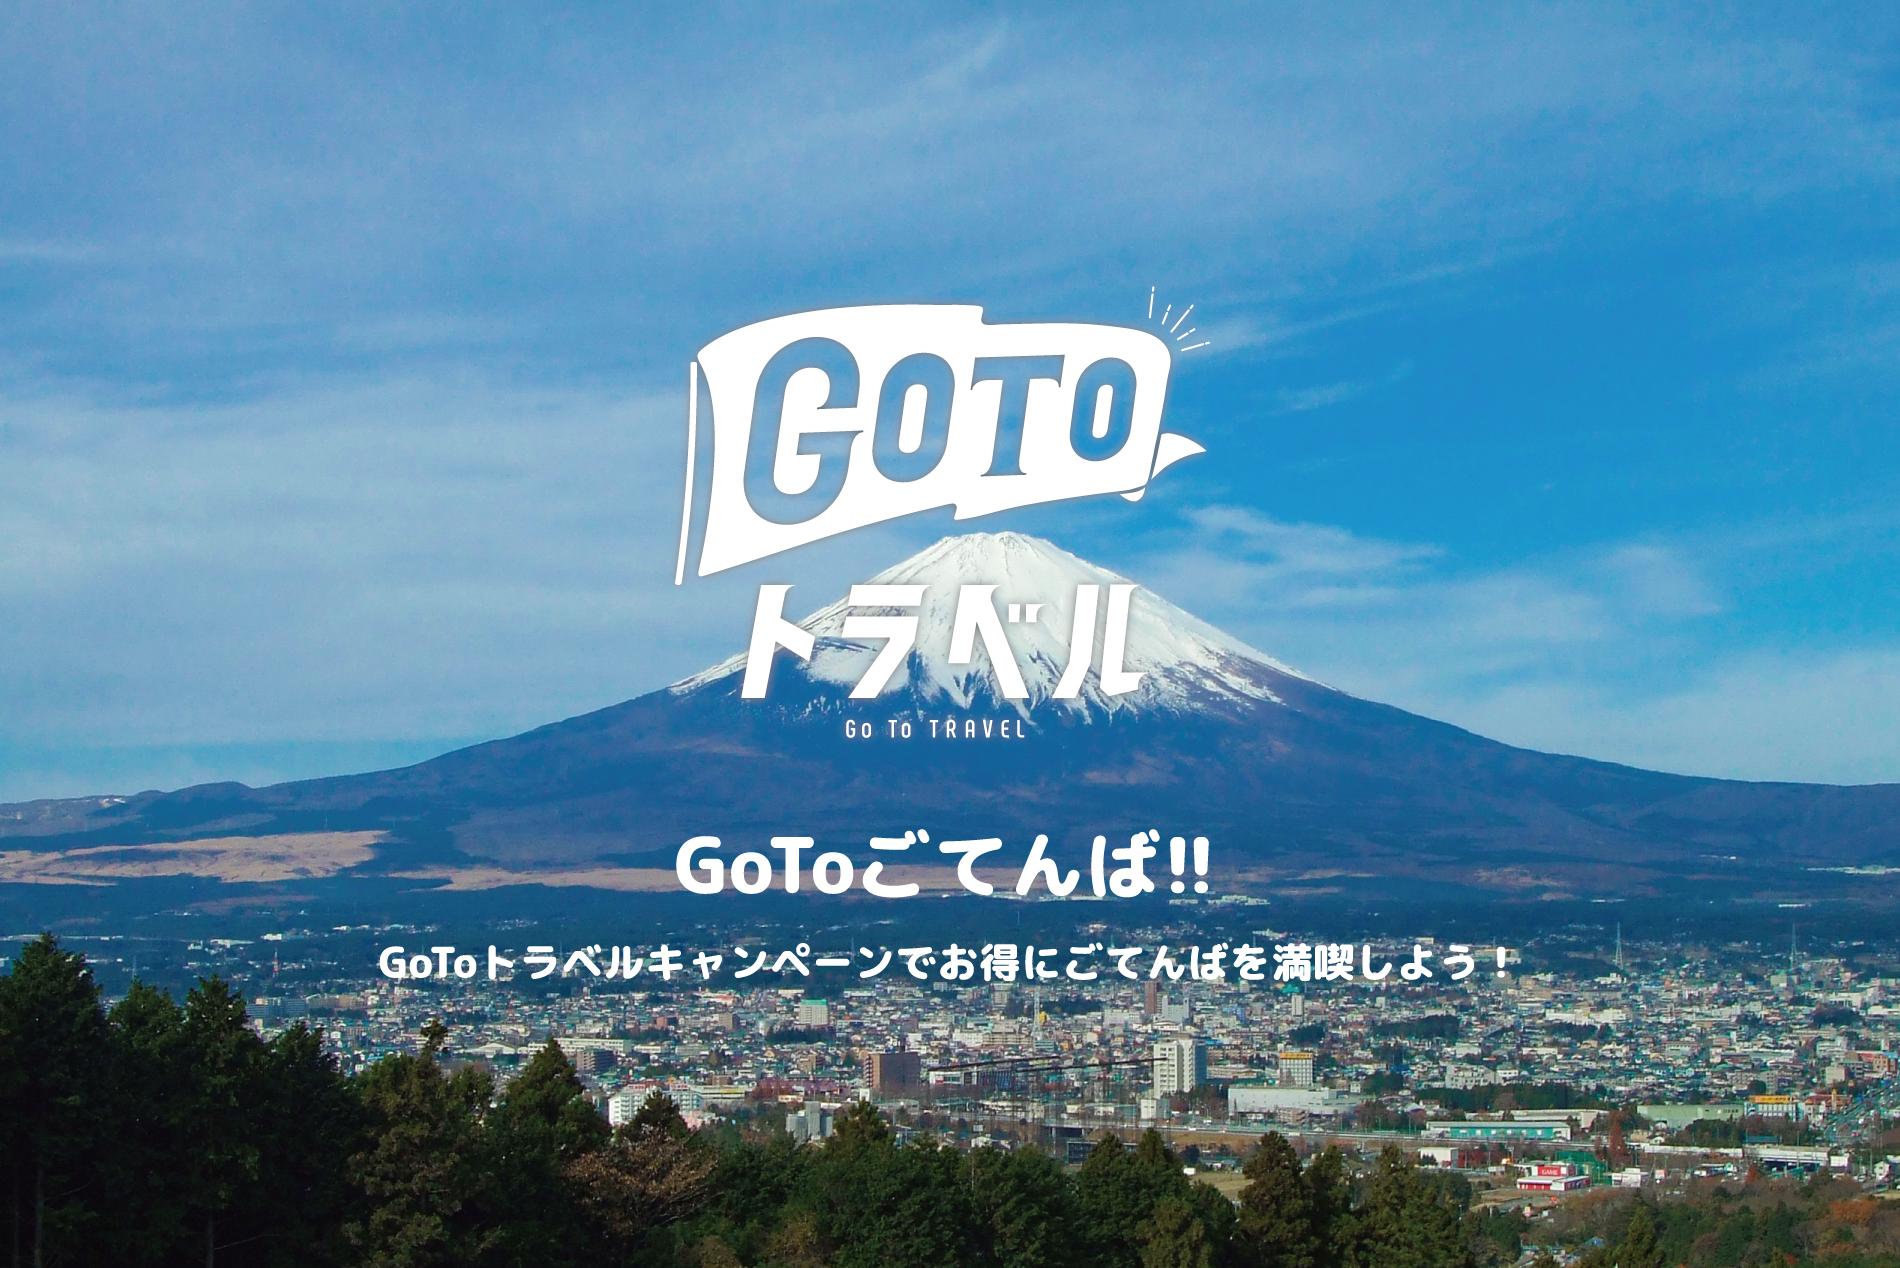 GoToごてんば!! GoToトラベルキャンペーンでお得にごてんばを満喫しよう!